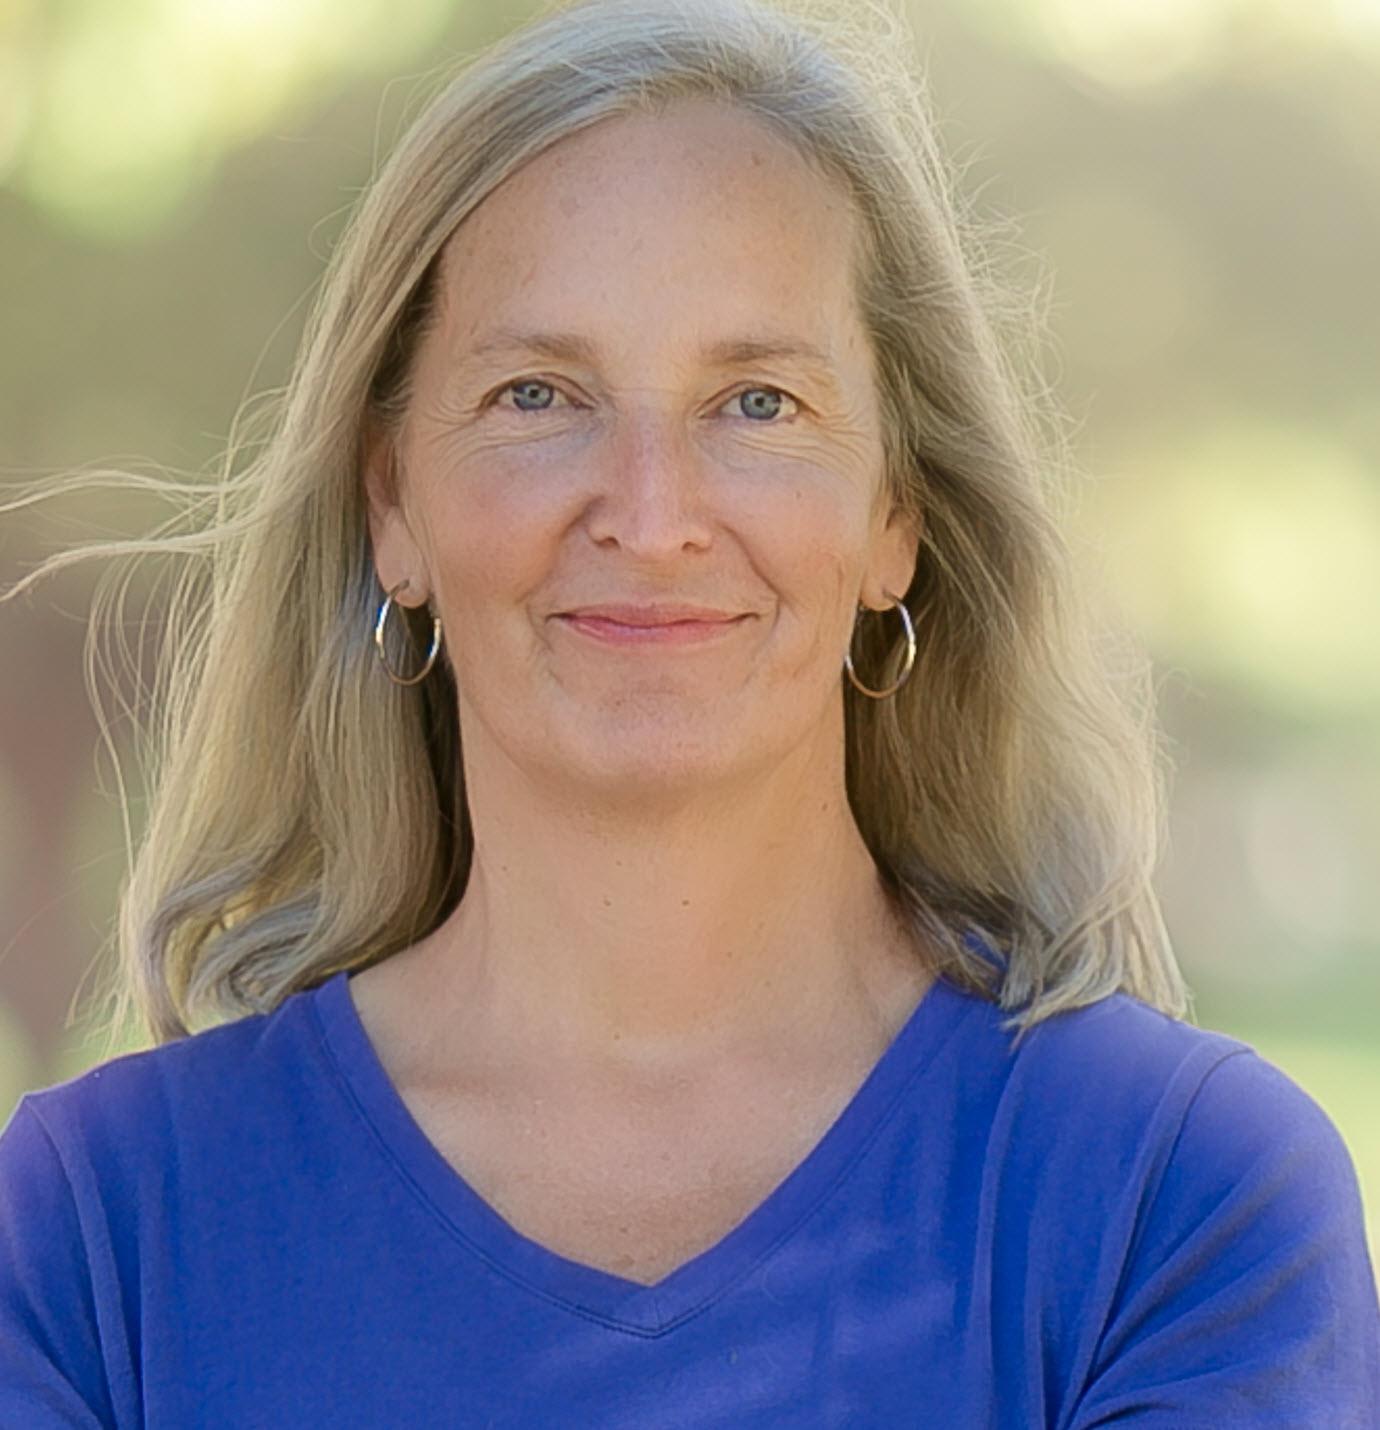 Joan Gregerson